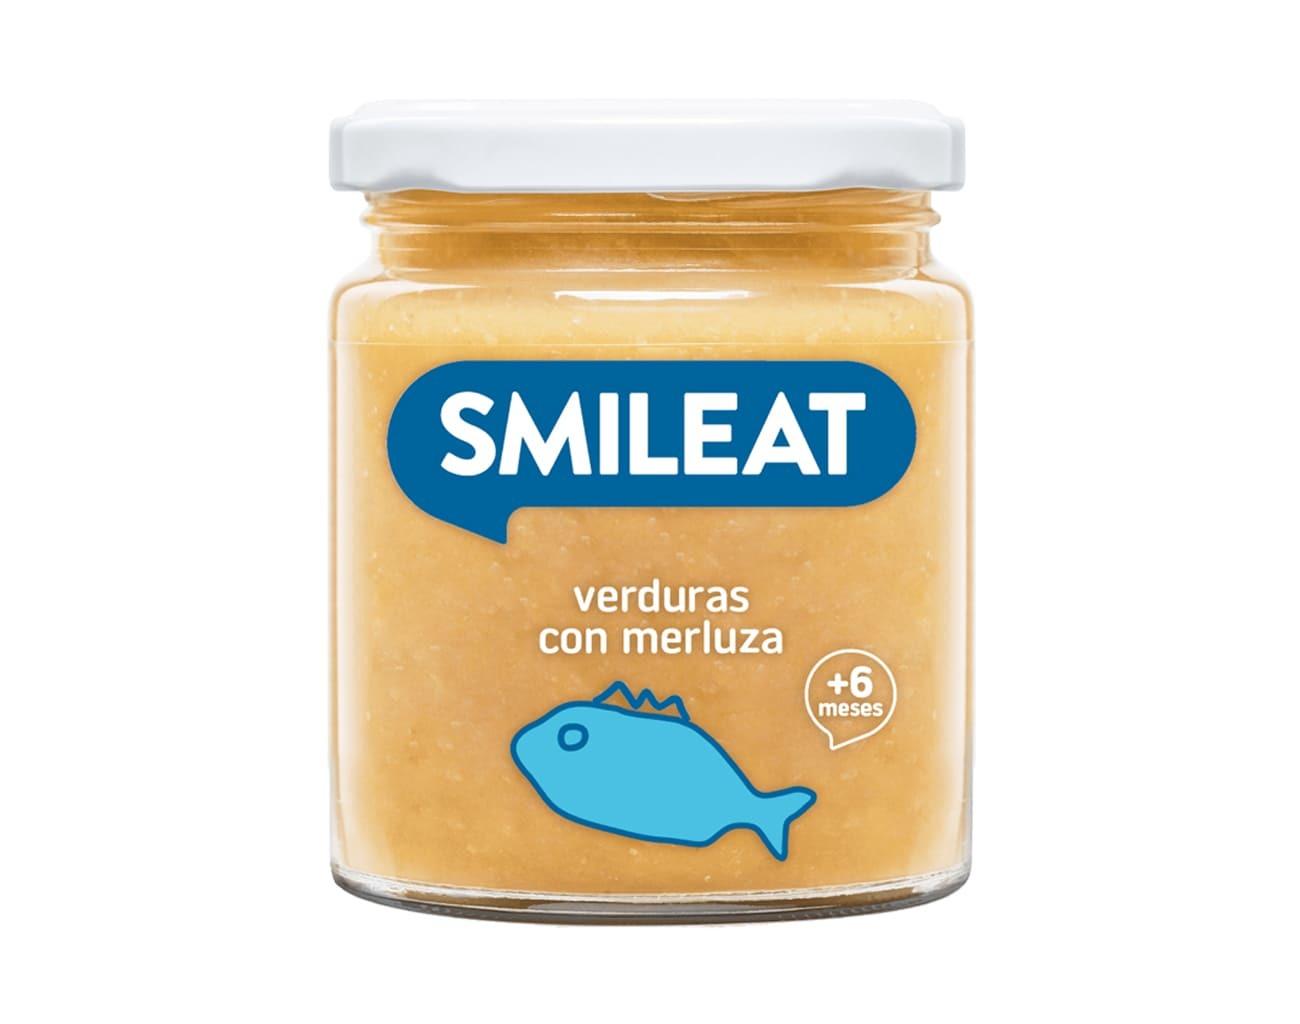 POTITO BIO VERDURAS Y MERLUZA 230GR ( y 8MESES) SMILEAT en Biovegalia